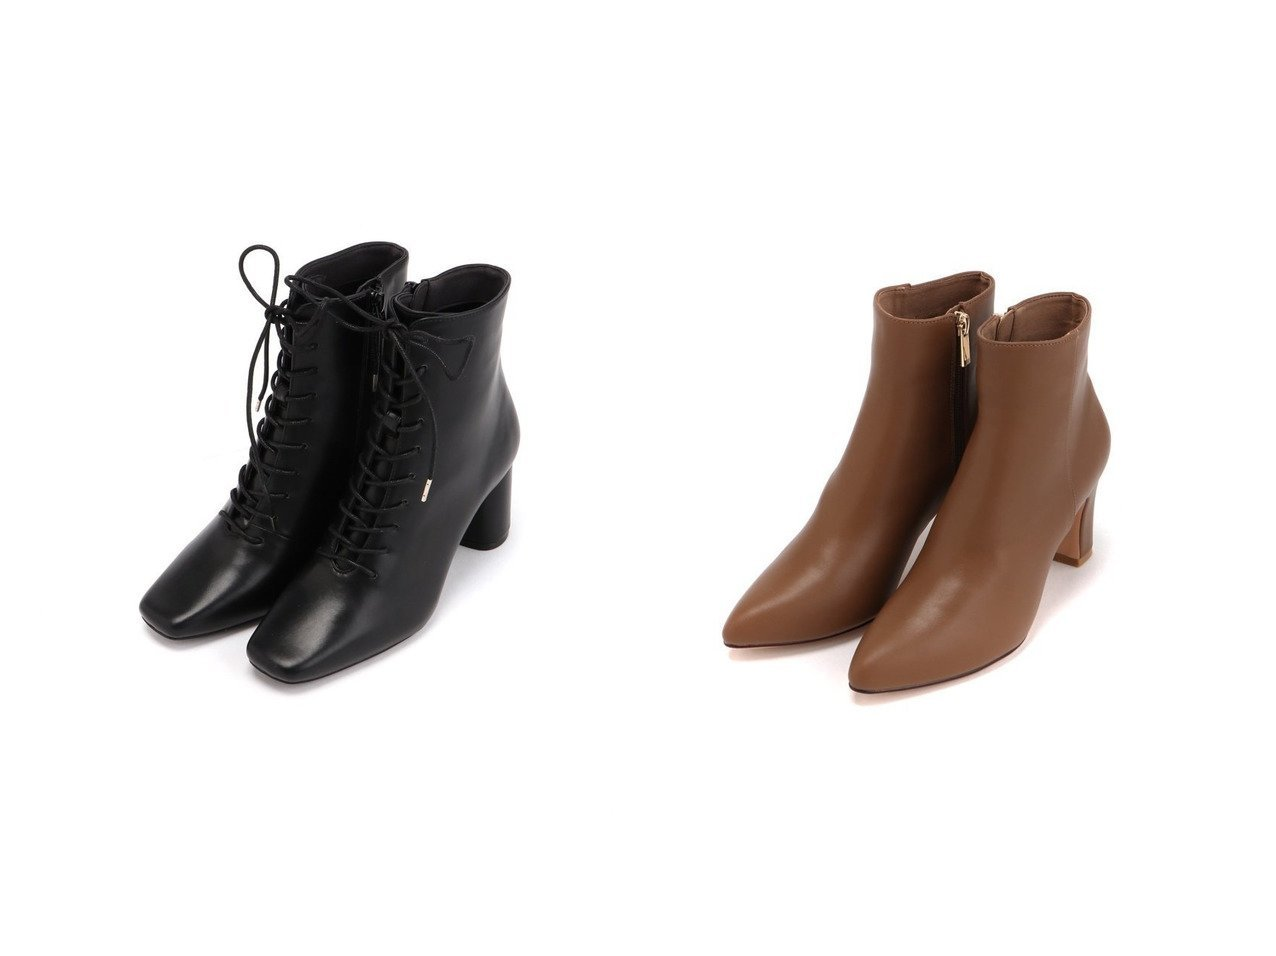 【Le Talon/ル タロン】の6cmSQレースアップSB(S-XL)&*G7cmPOプレーンSB(SS-XL) シューズ・靴のおすすめ!人気、トレンド・レディースファッションの通販 おすすめで人気の流行・トレンド、ファッションの通販商品 メンズファッション・キッズファッション・インテリア・家具・レディースファッション・服の通販 founy(ファニー) https://founy.com/ ファッション Fashion レディースファッション WOMEN NEW・新作・新着・新入荷 New Arrivals 2020年 2020 2020-2021 秋冬 A/W AW Autumn/Winter / FW Fall-Winter 2020-2021 A/W 秋冬 AW Autumn/Winter / FW Fall-Winter シューズ ショート スクエア トレンド レース インナー クッション 抗菌 スエード プレーン S/S 春夏 SS Spring/Summer  ID:crp329100000012454